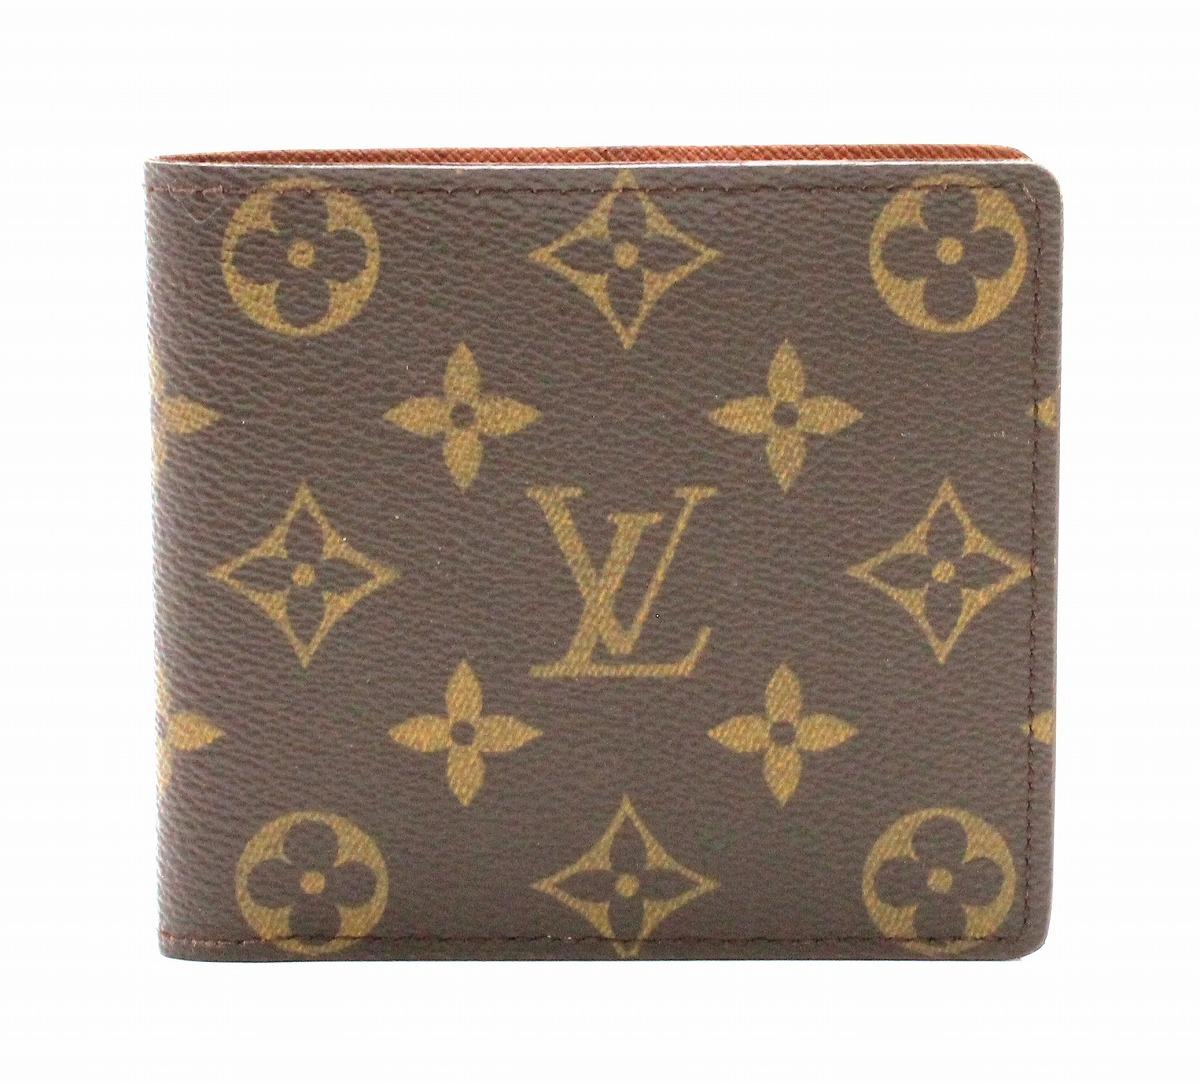 【財布】LOUIS VUITTON ルイ ヴィトン モノグラム ポルト ビエ カルト クレディ 2つ折札入れ M60879 【中古】【k】